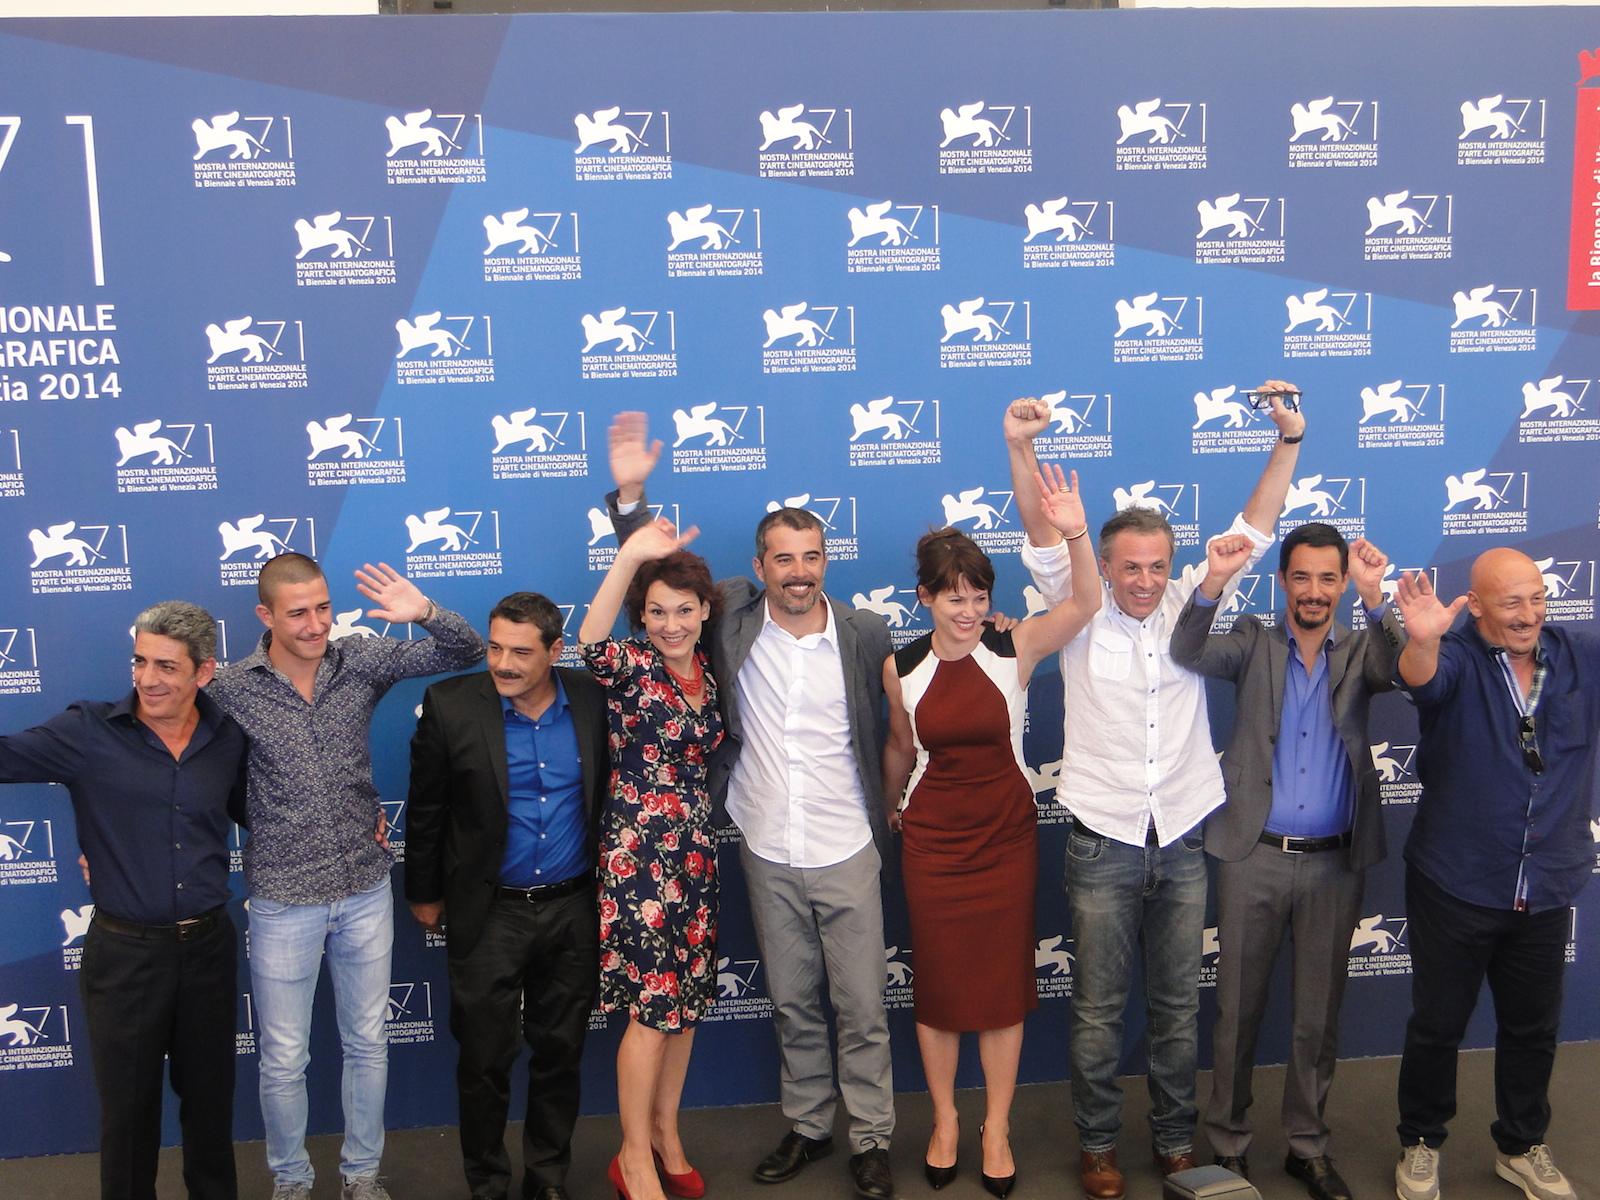 Venezia 2014: il cast di Anime nere al photocall